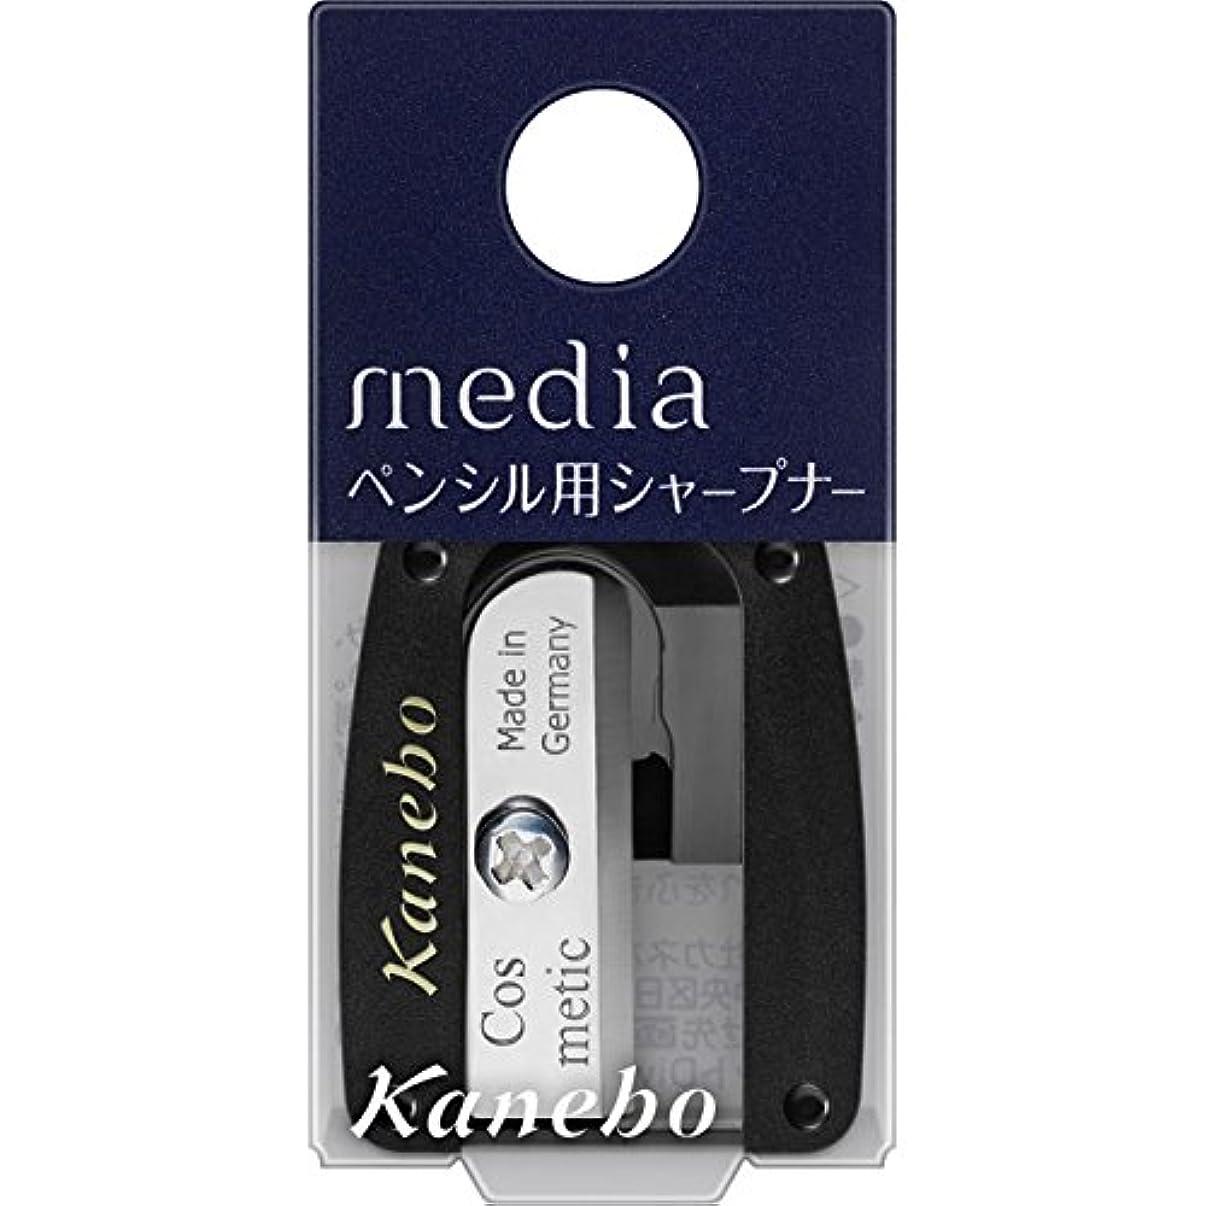 ごちそう起訴する欲望【カネボウ】 メディア ペンシル用シャープナー